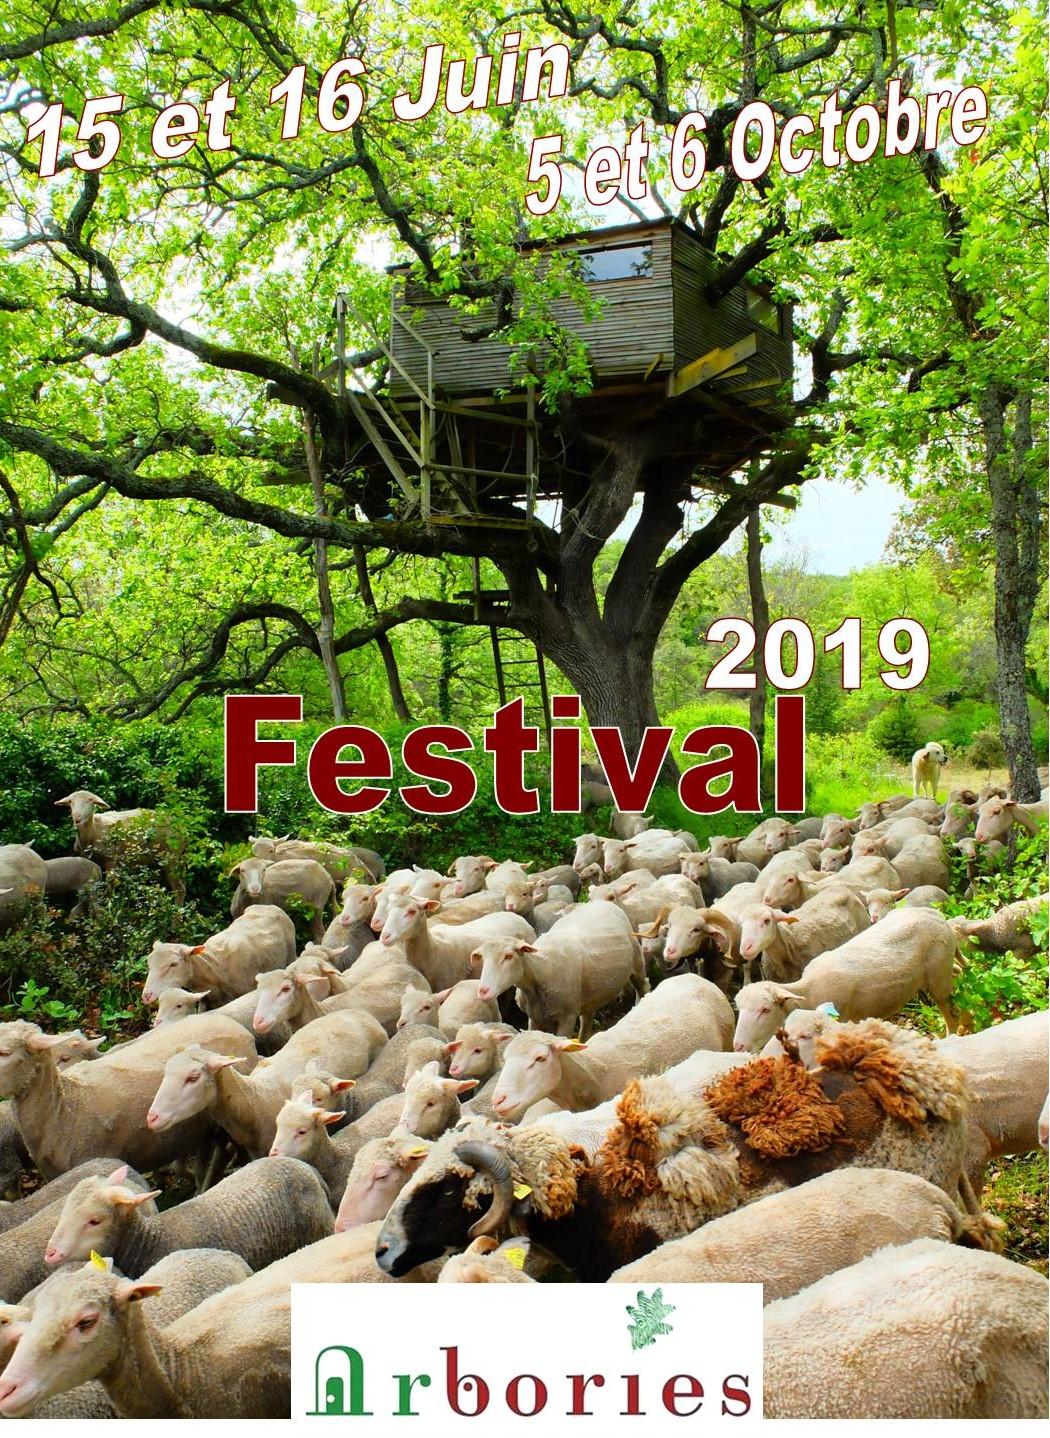 festival arbories 2019